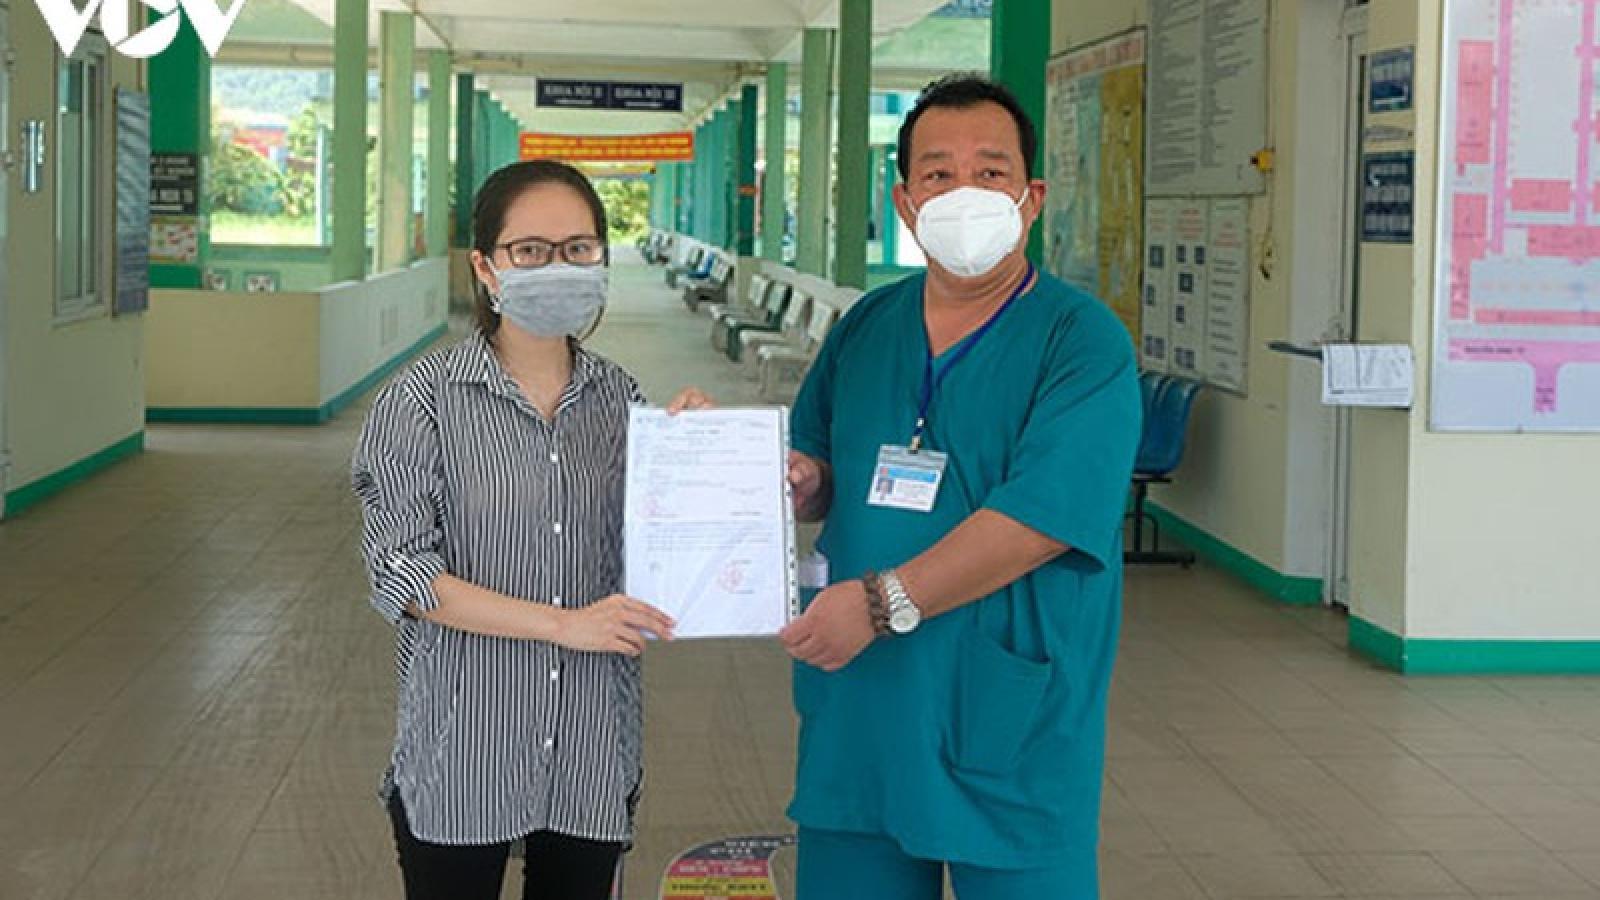 Chữa khỏi bệnh nhân Covid-19 tiên lượng rất nặng ở Đà Nẵng